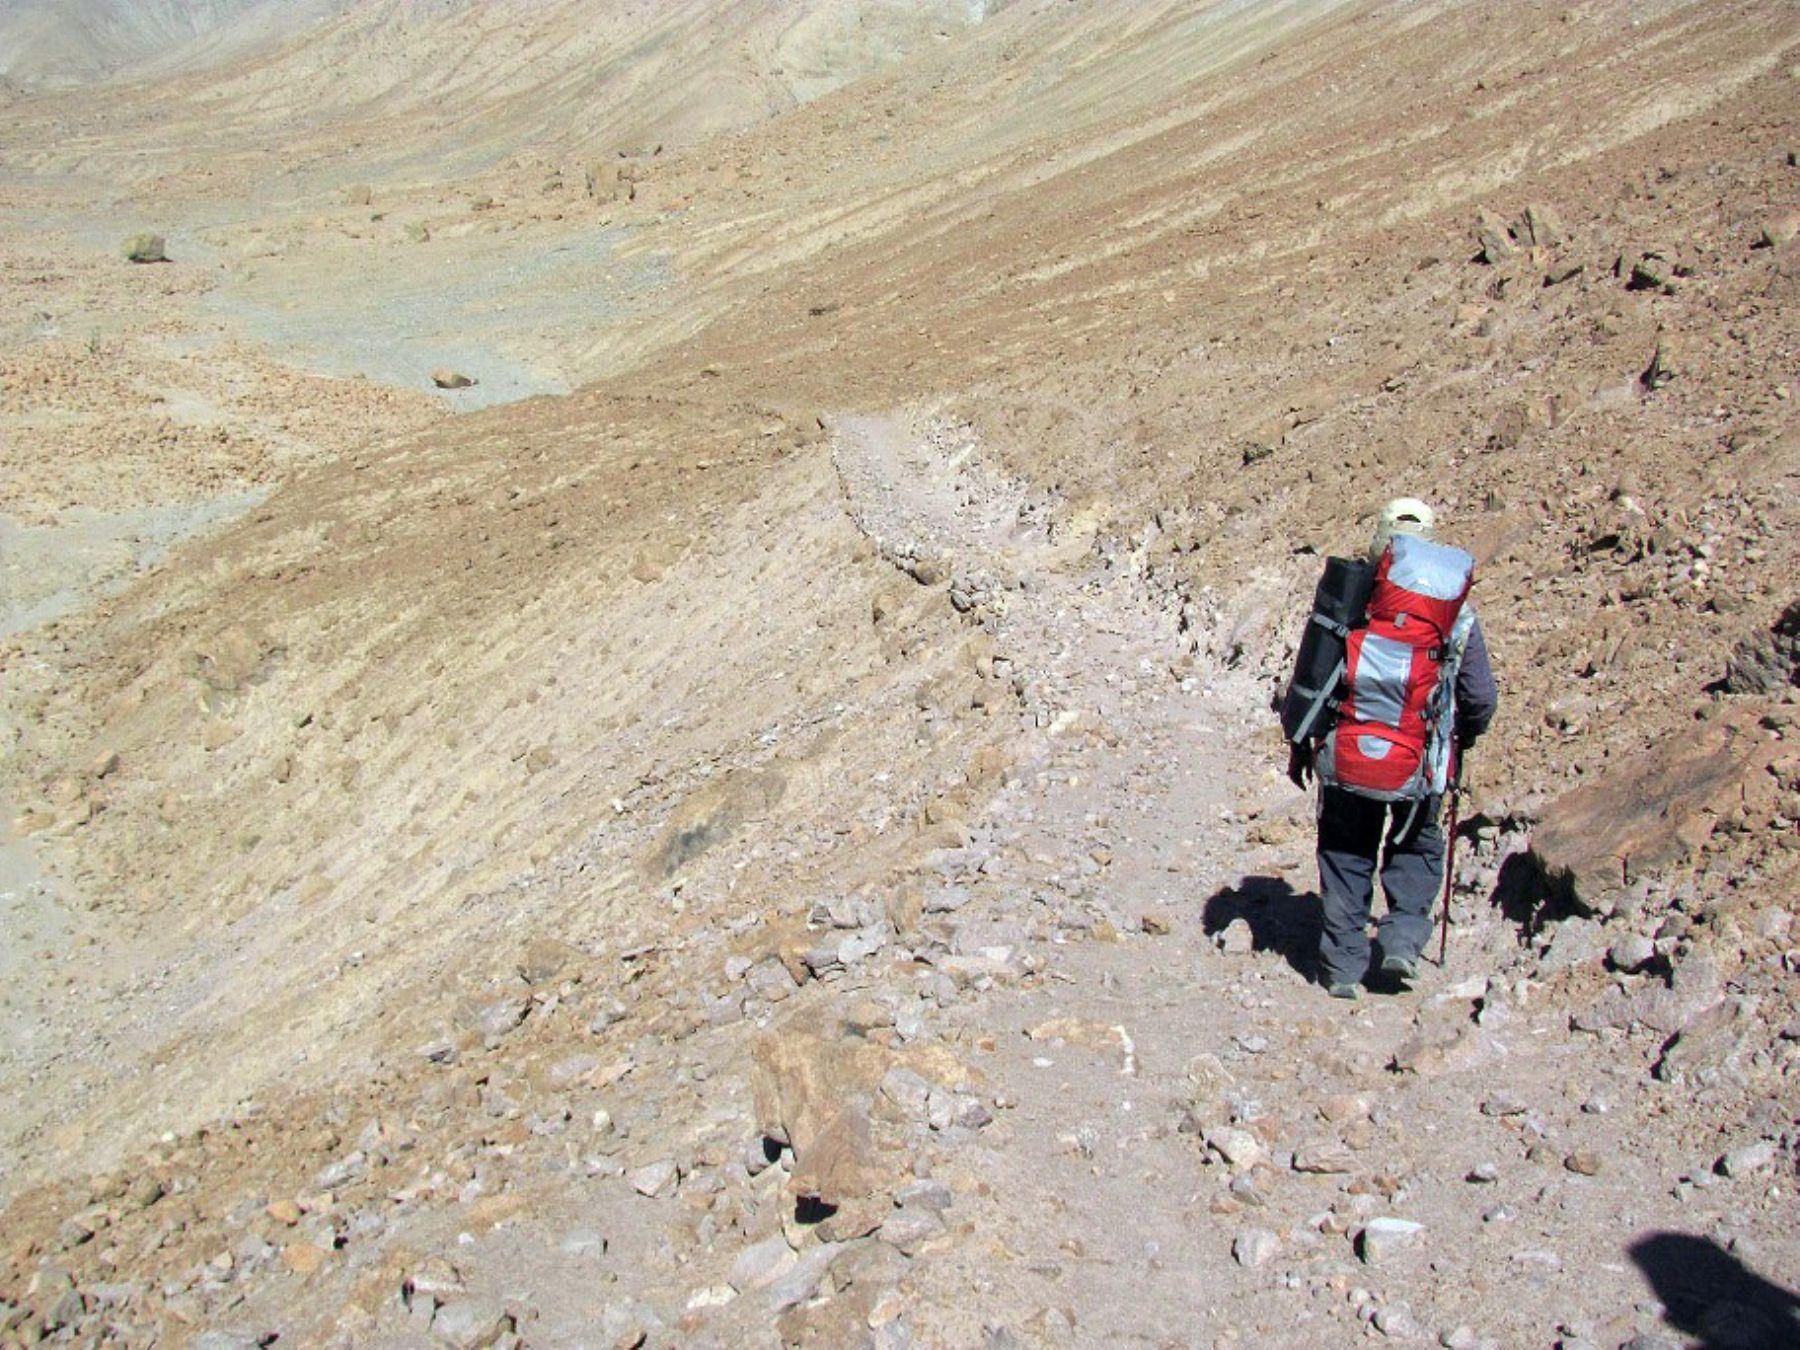 El camino inca descubierto recorre los distritos de Pocollay y Tacna, en la región Tacna.